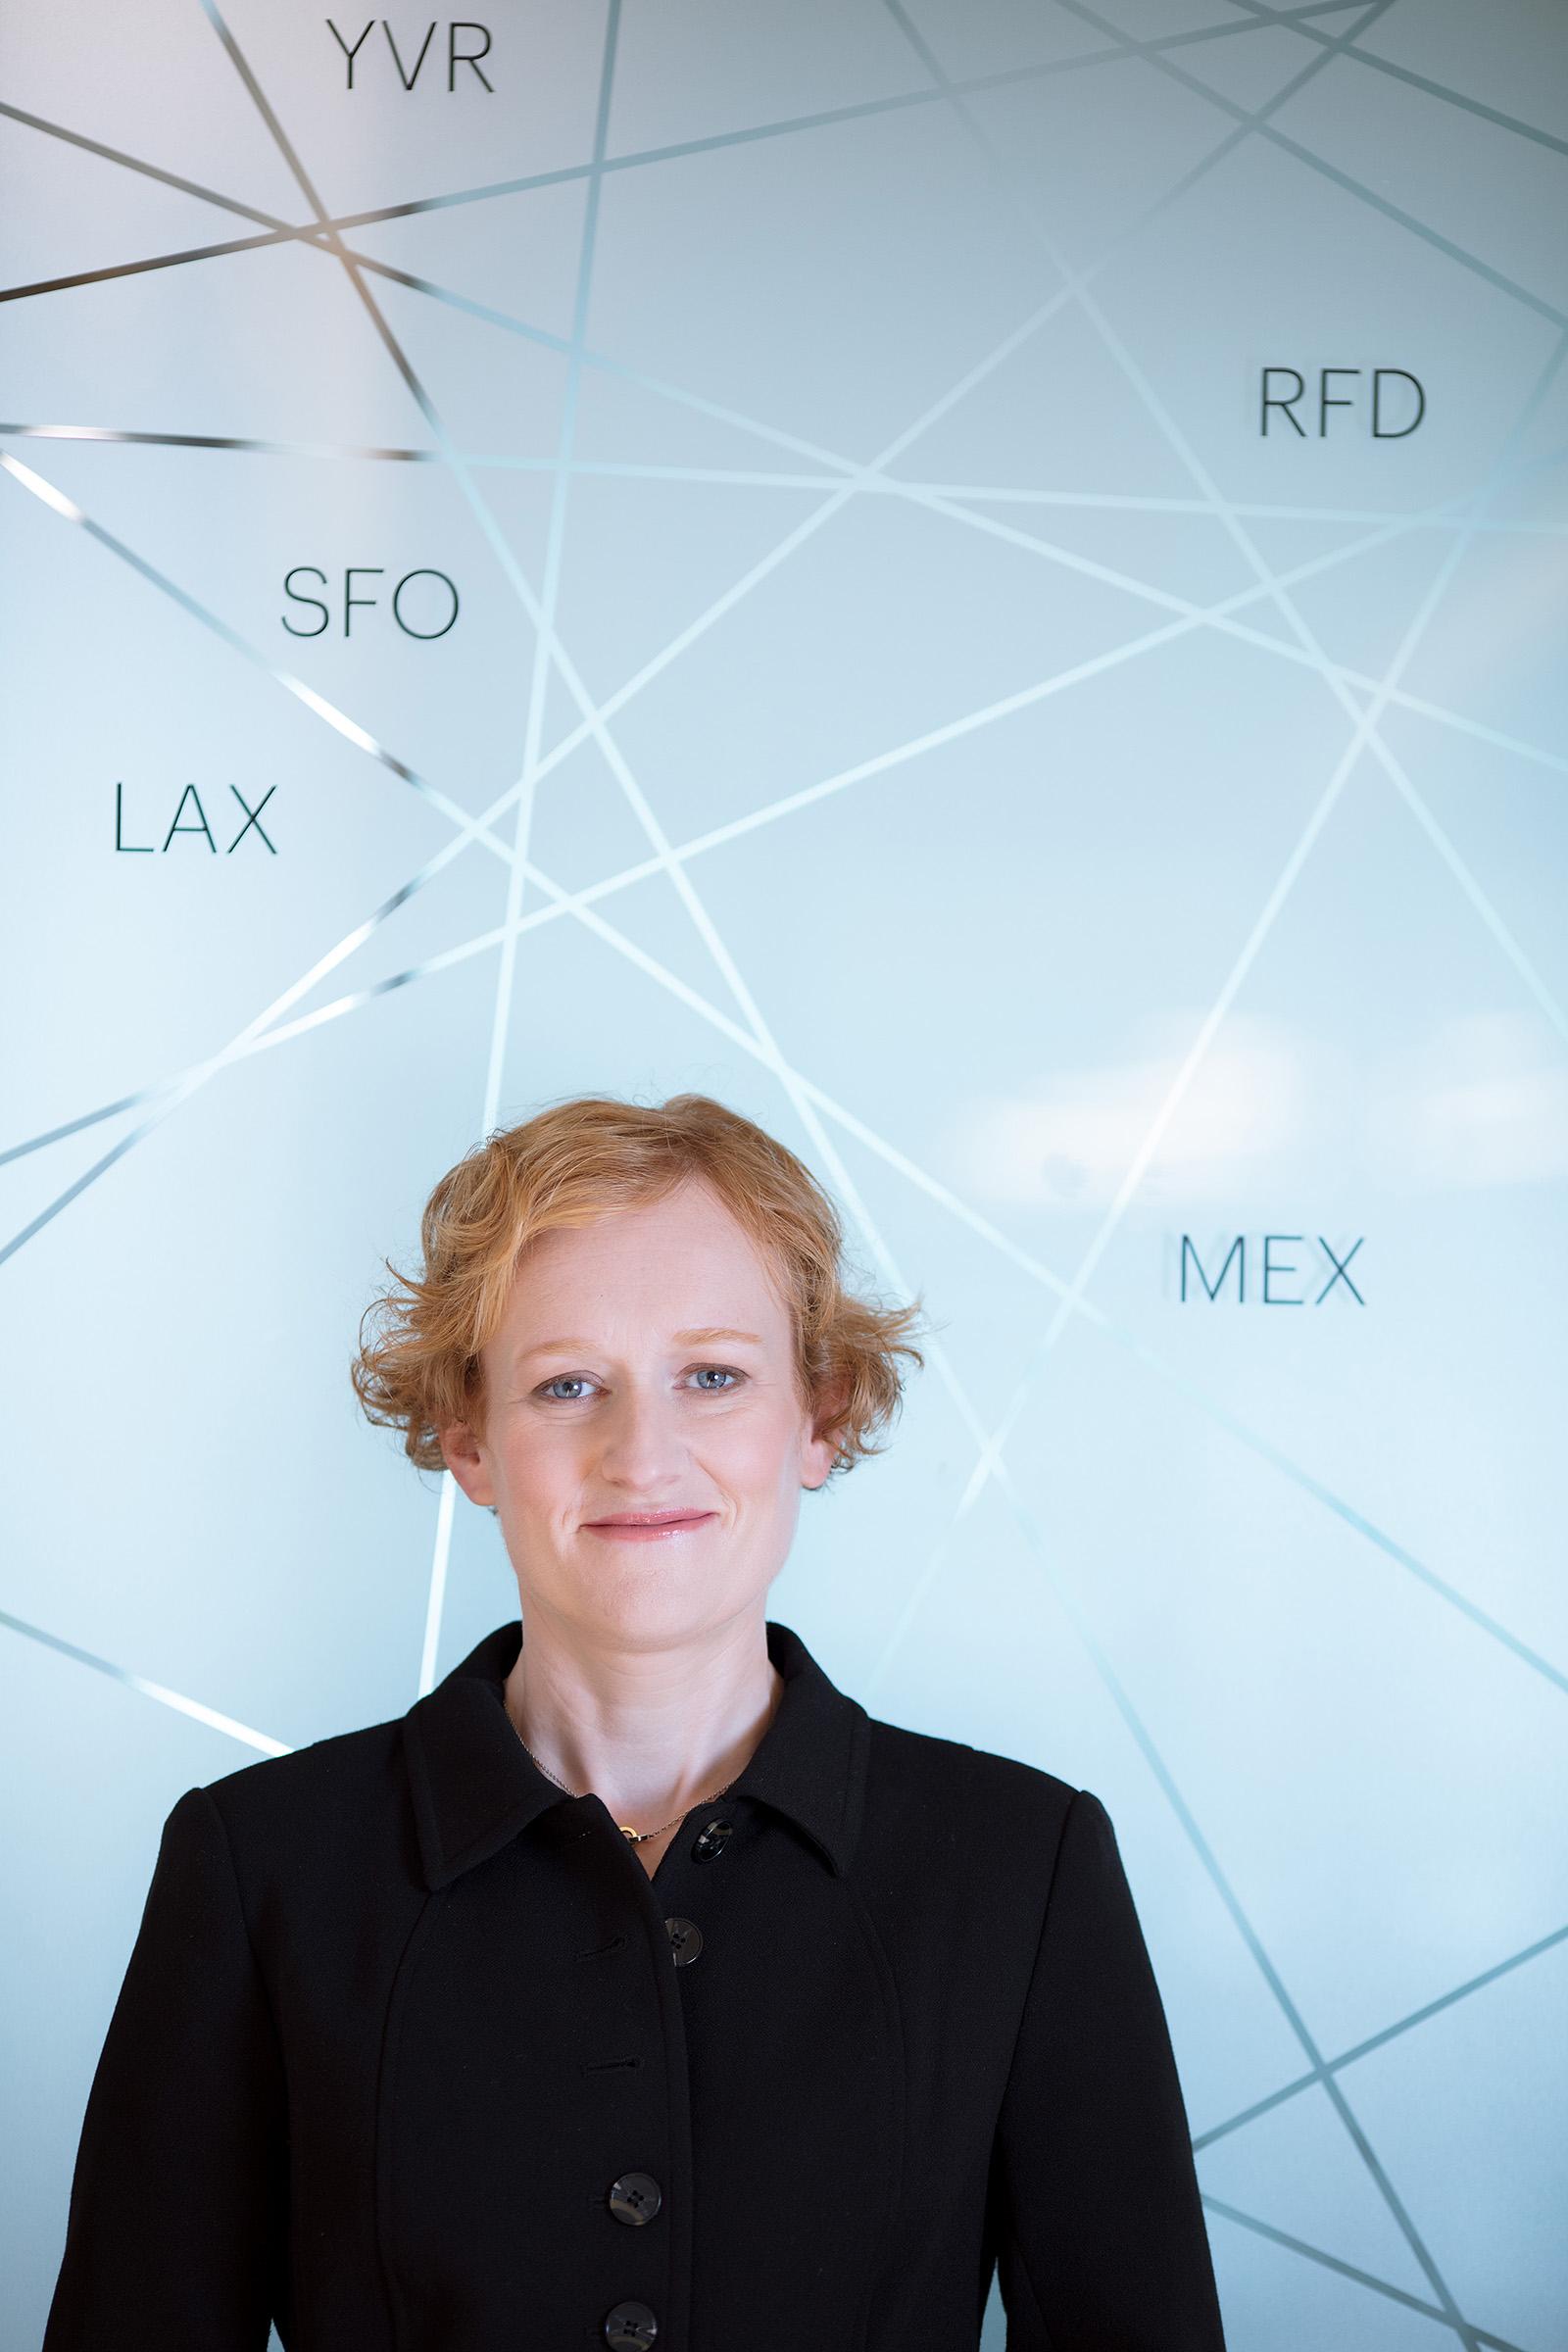 Ruth Kelly, CEO Goshawk for Richards Dee